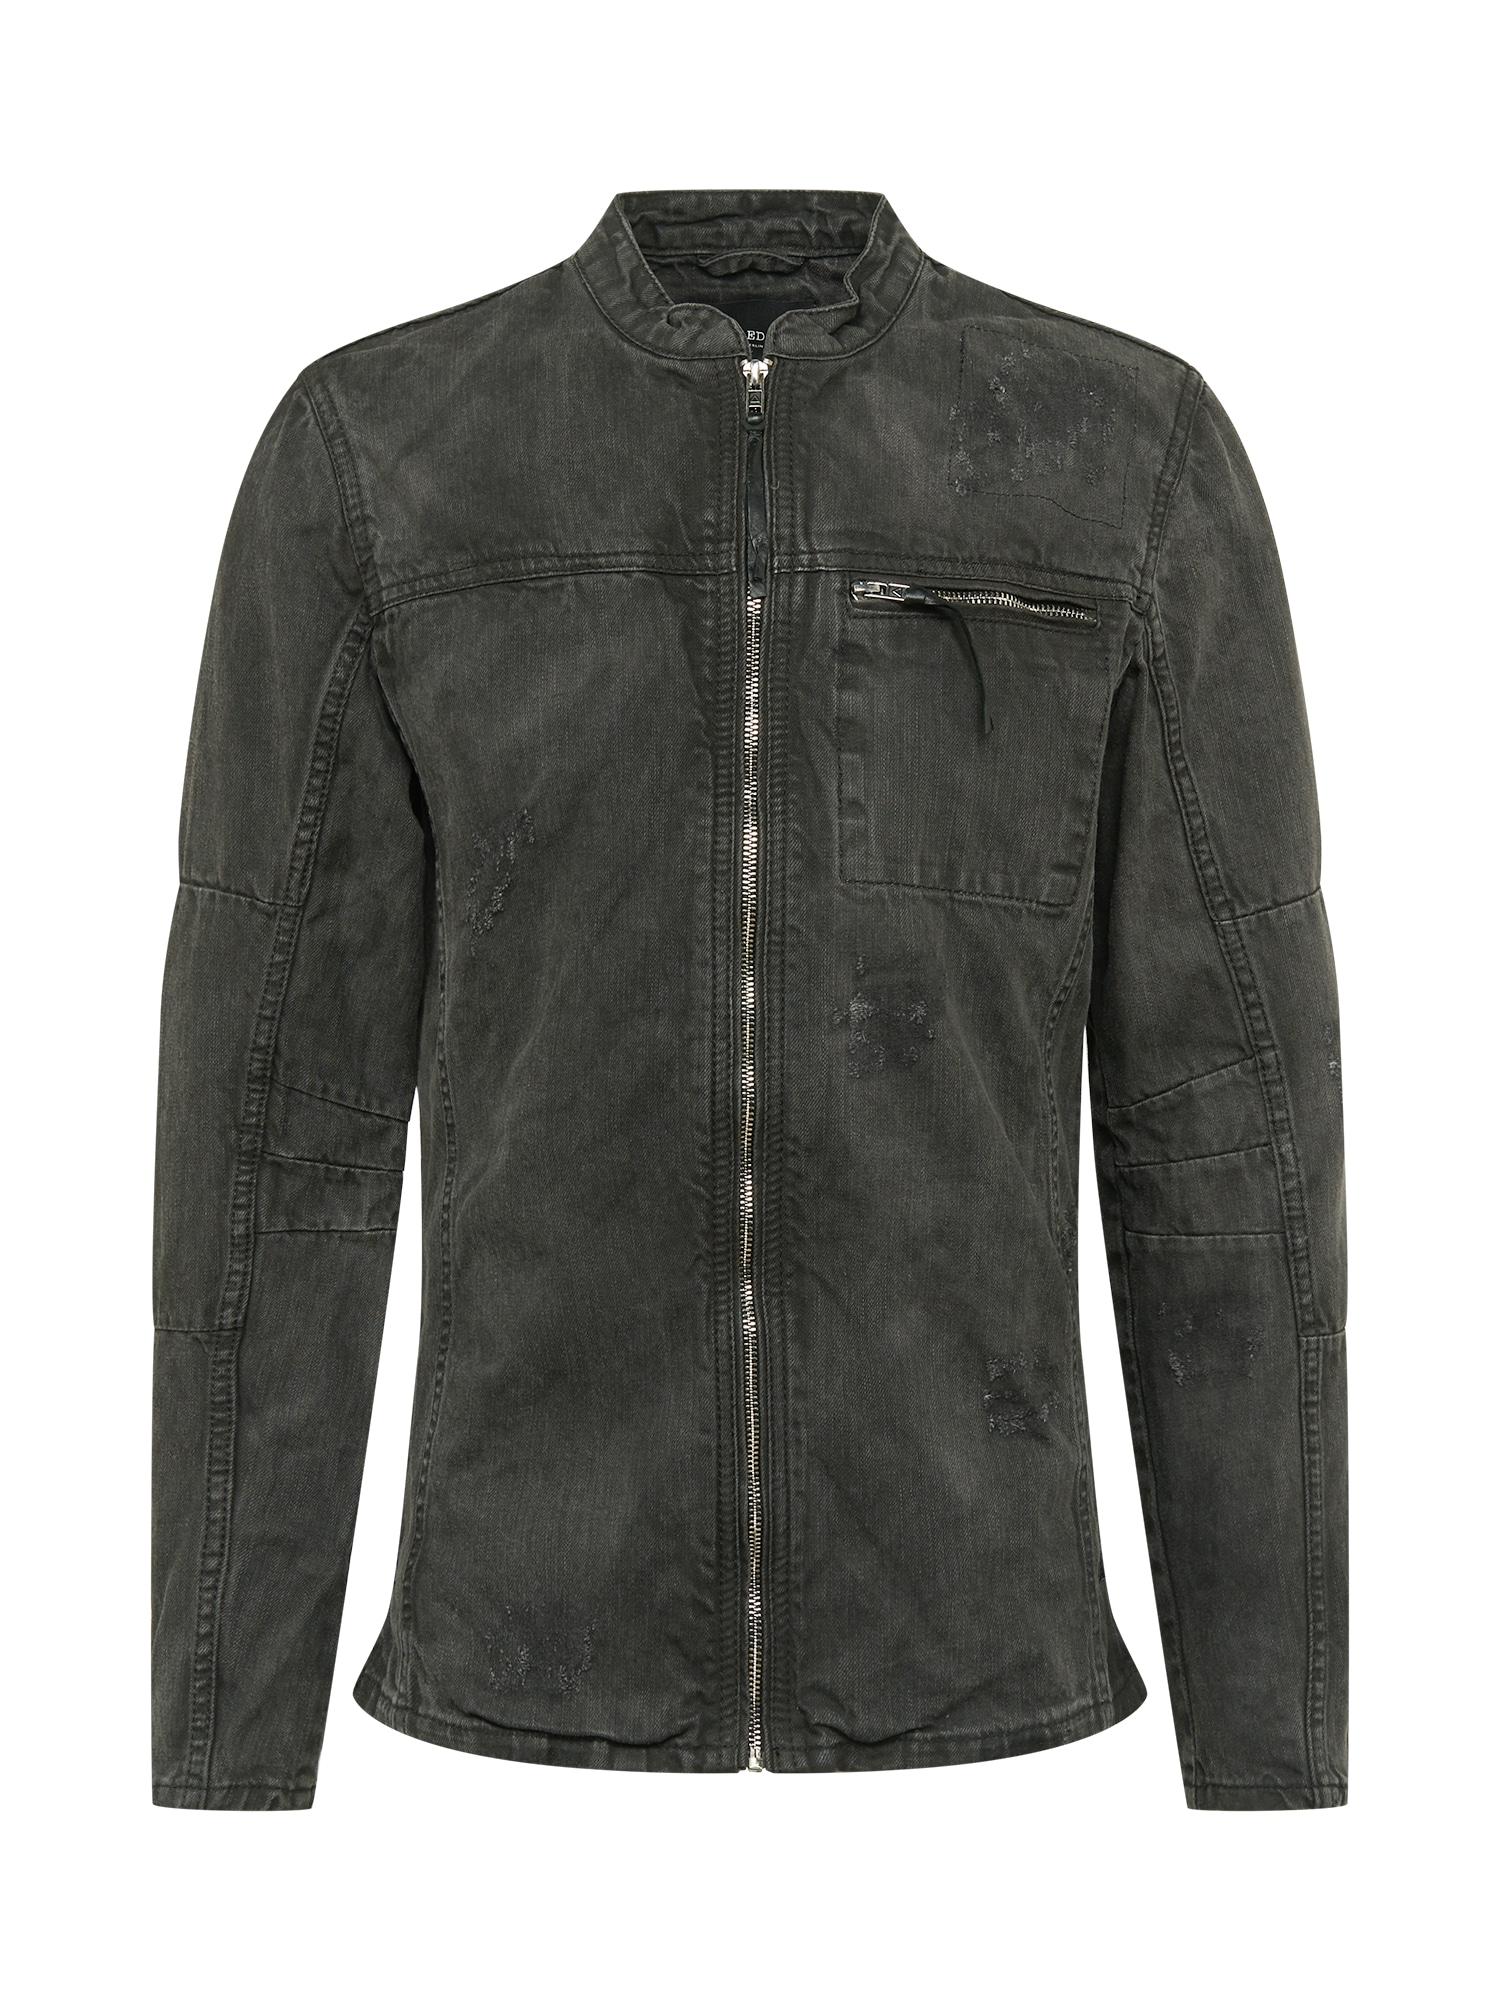 BE EDGY Demisezoninė striukė 'Traver' juodo džinso spalva / balta